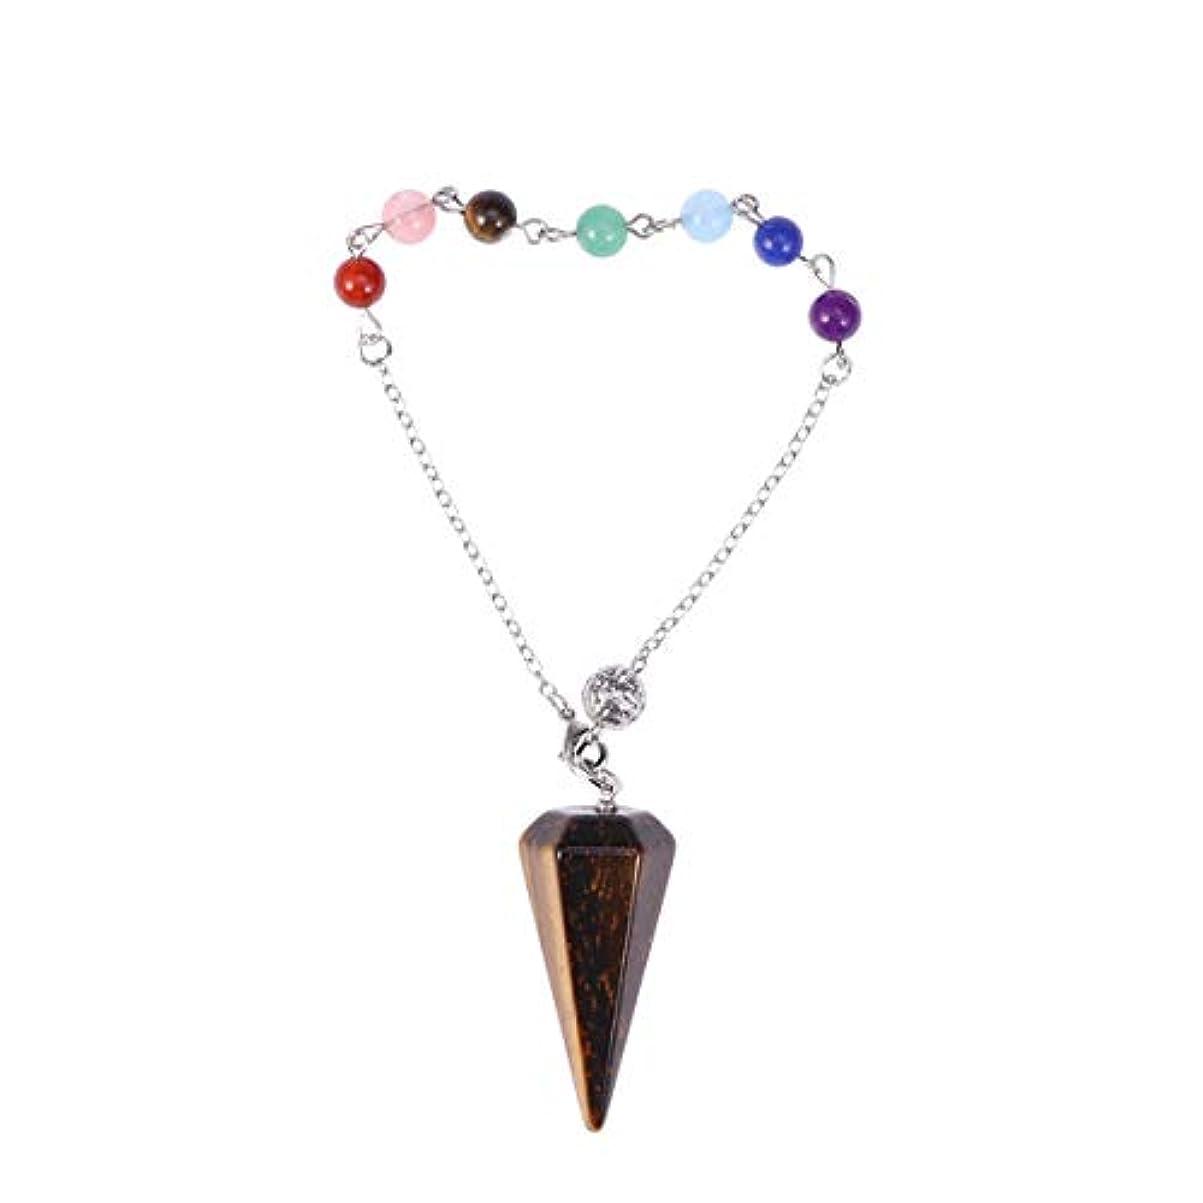 着実に開業医技術者Healifty ヒーリングクリスタルポイントペンダントネックレス六角形の尖ったレイキチャクラジュエリー(タイガーアイ宝石)